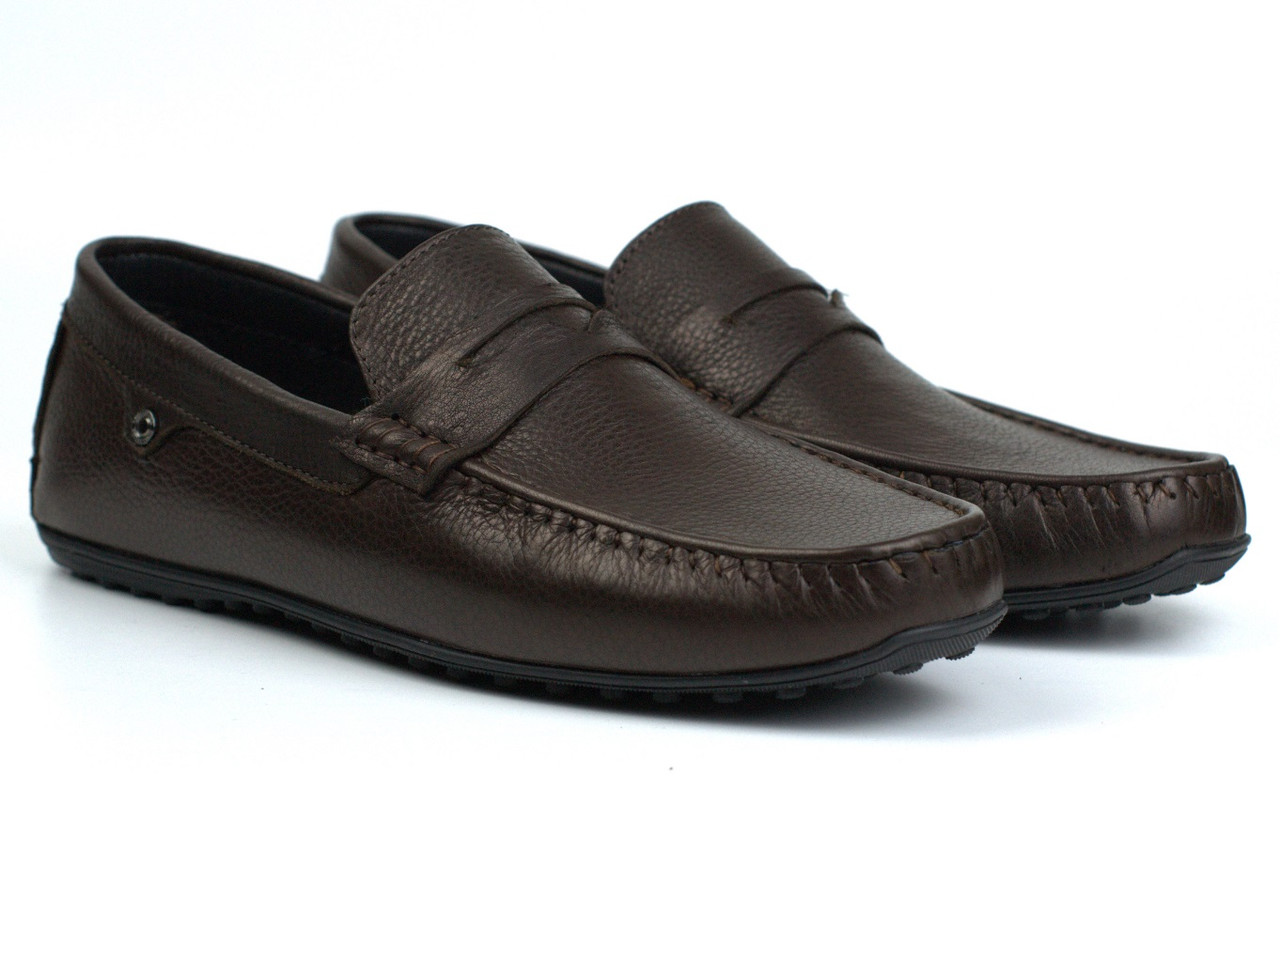 Мокасины коричневые кожаные мужская обувь больших размеров ETHEREAL BS Chelsea Brown Leather